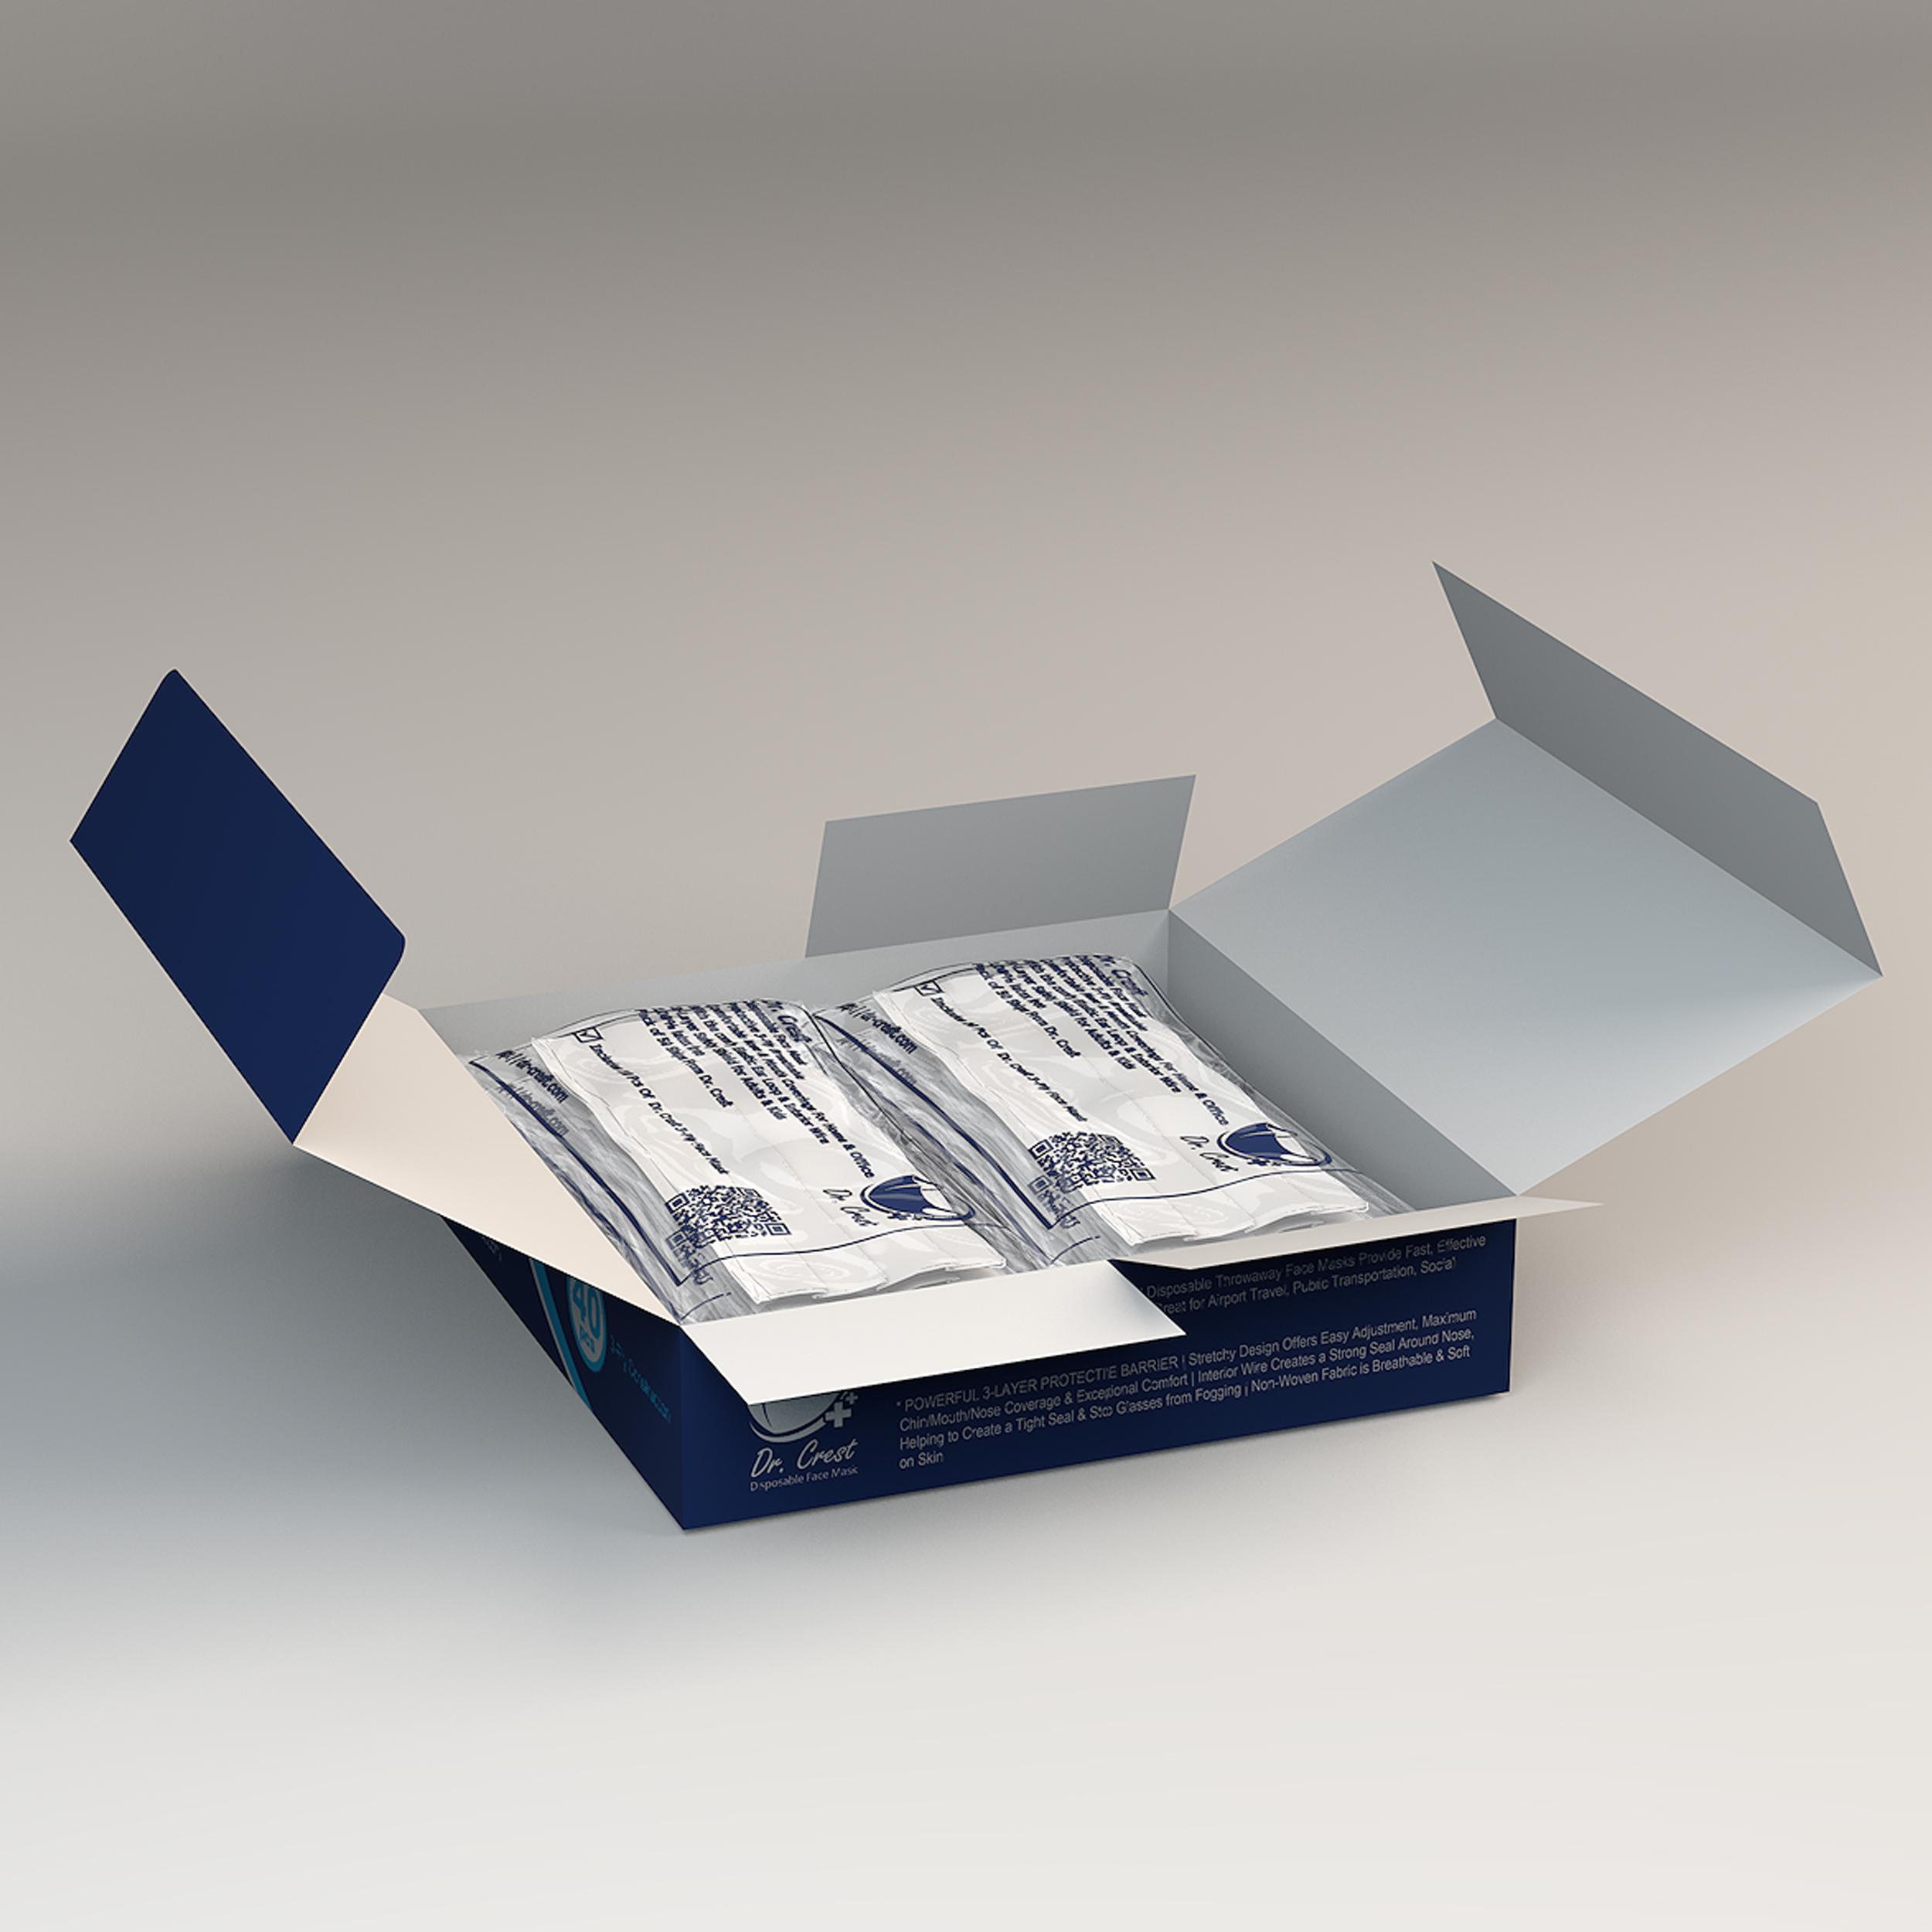 ماسک تنفسی دکتر کرست مدل Dr-G40 بسته 40 عددی